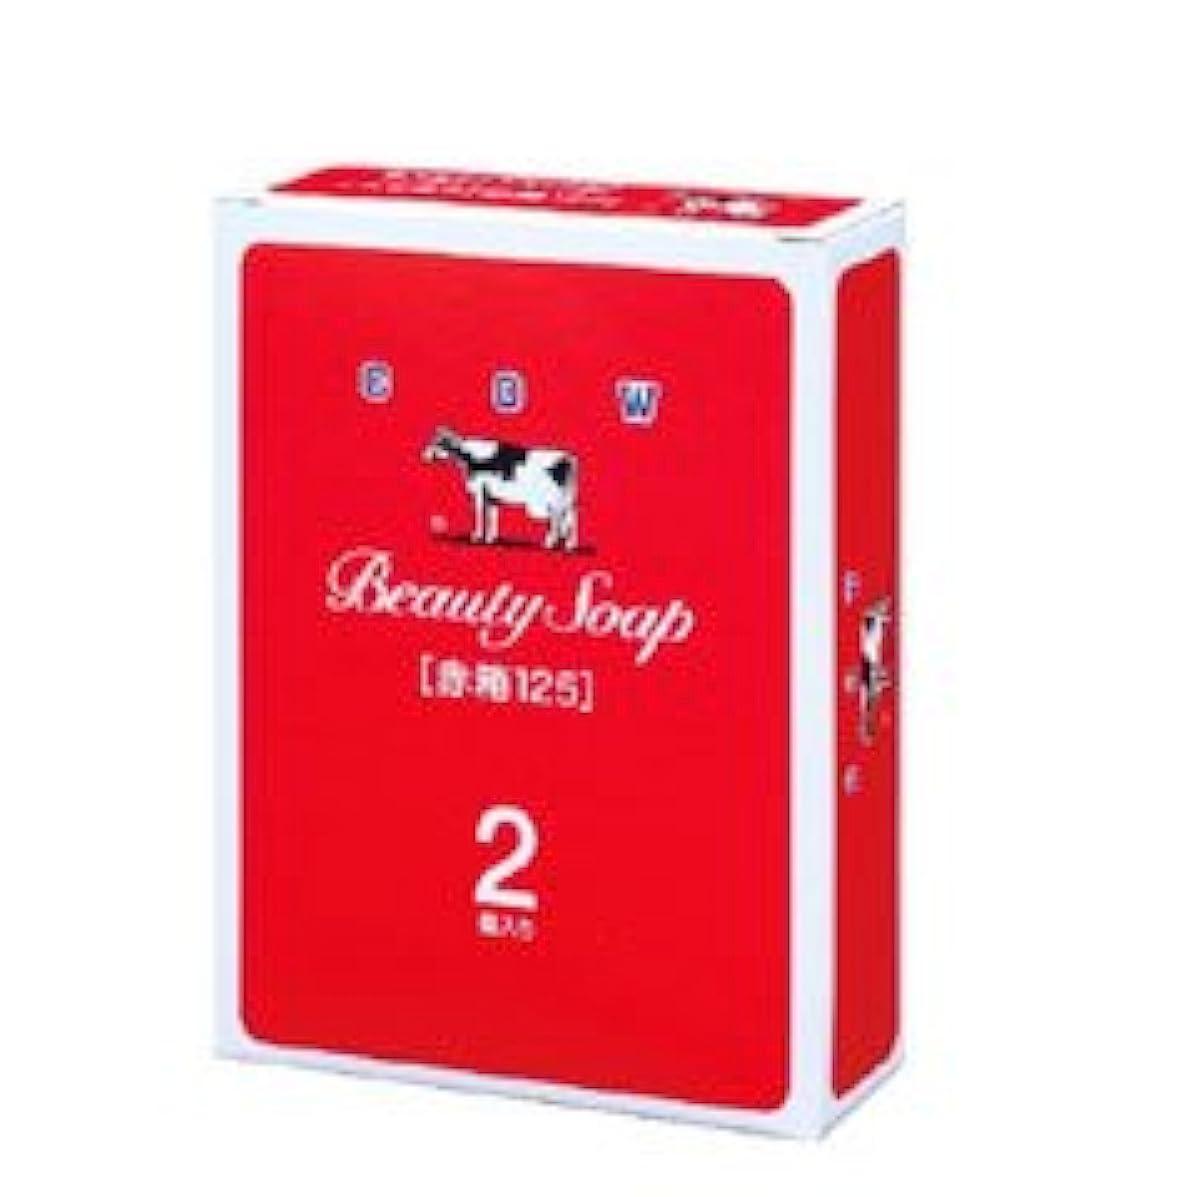 カポックディベートシフト【牛乳石鹸】カウブランド 赤箱 125 2個入り